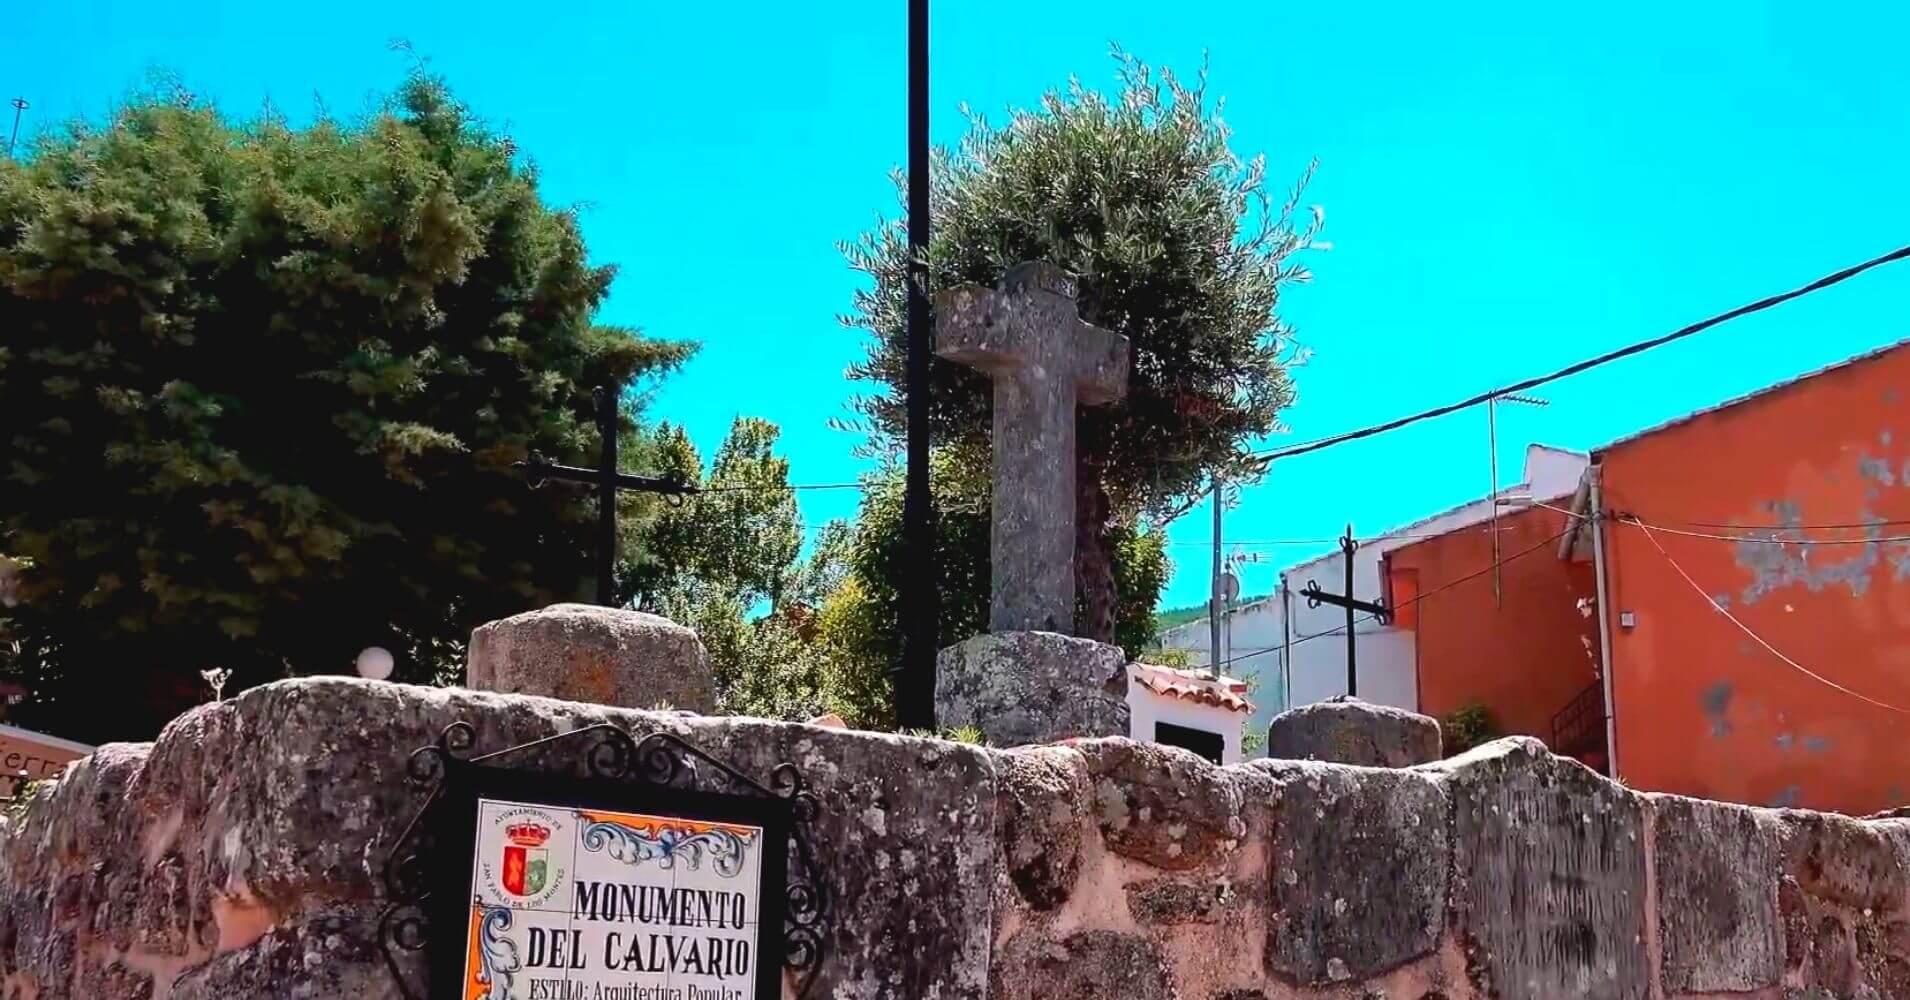 Monumento del Calvario. San Pablo de los Montes. Toledo.